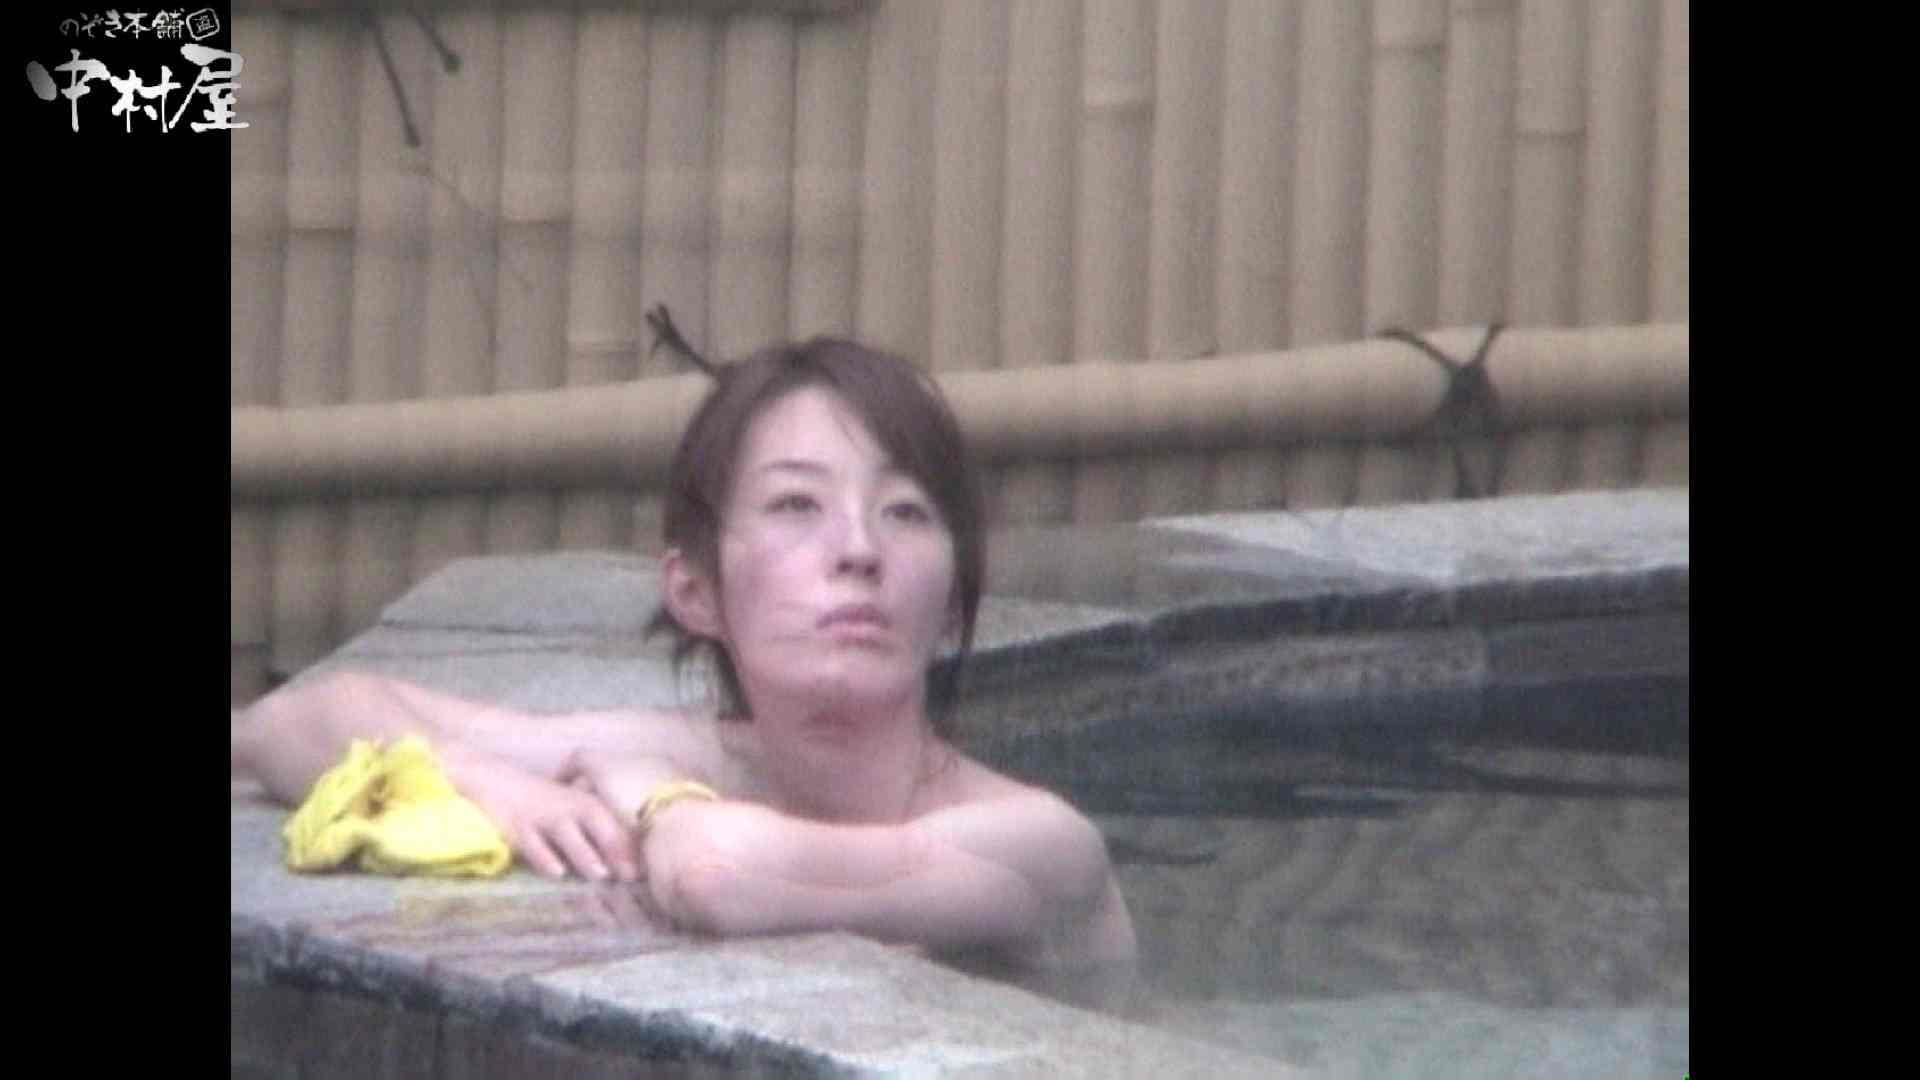 Aquaな露天風呂Vol.964 美しいOLの裸体   盗撮師作品  104pic 4